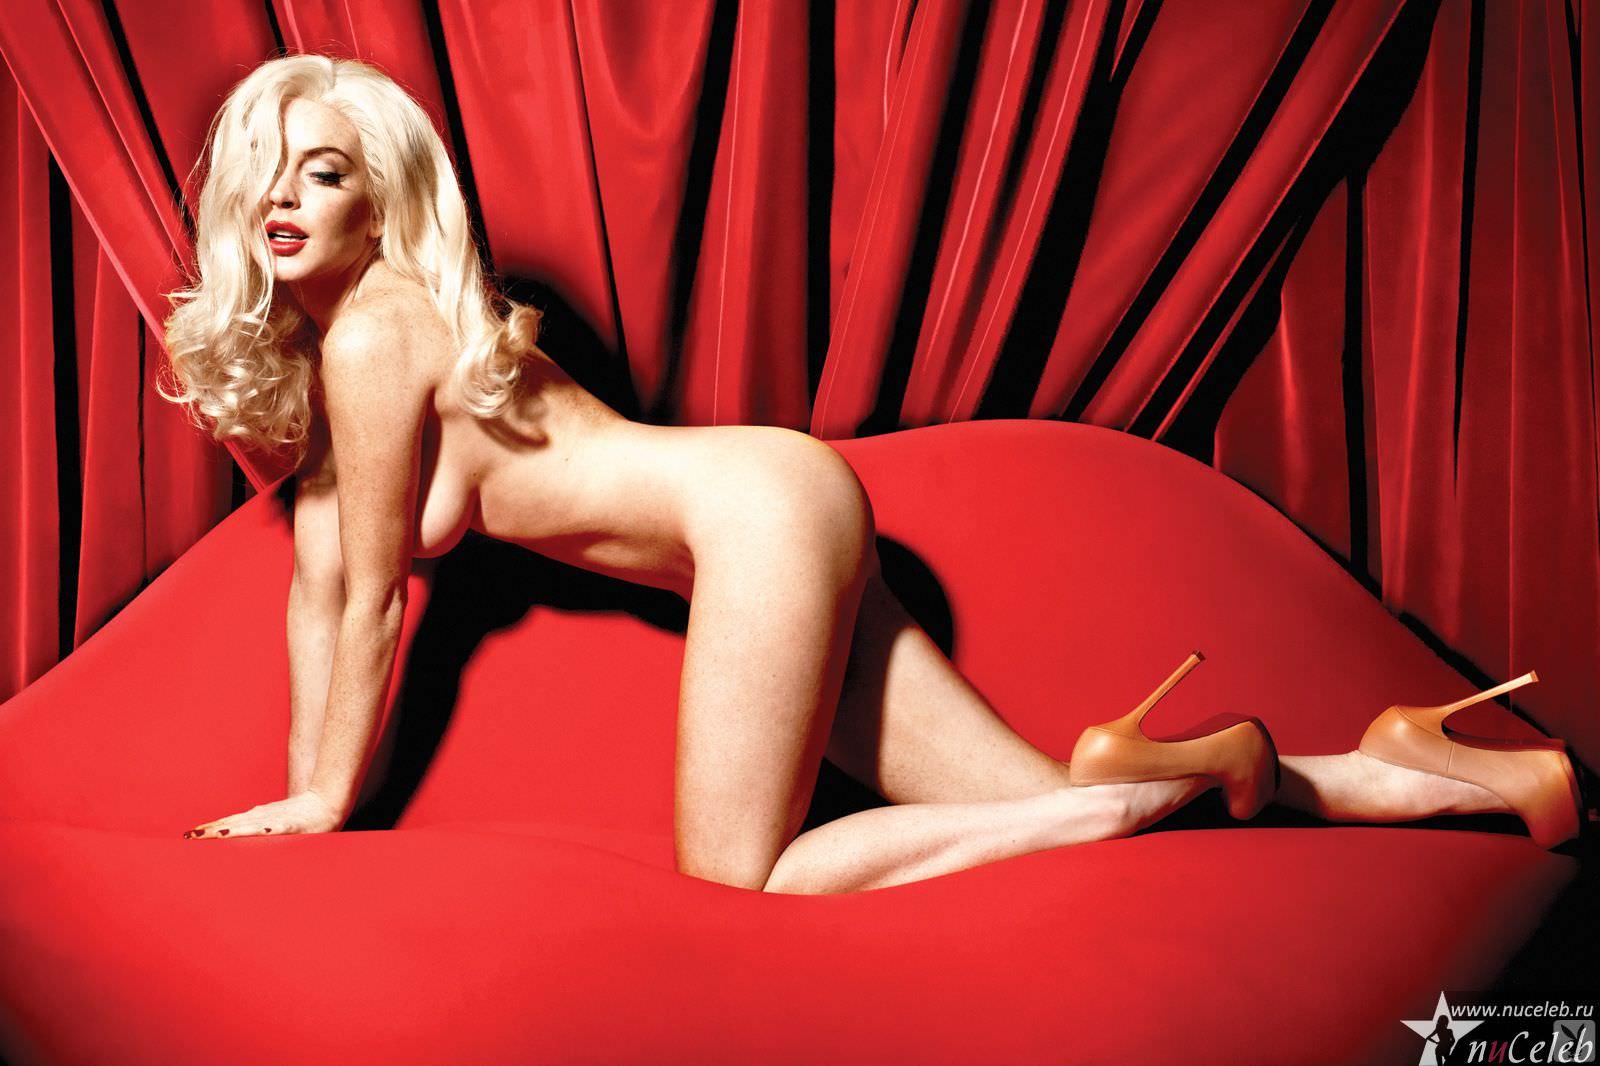 Фотографии обнажённых знаменитостей, Фото голых знаменитостей 28 фотография